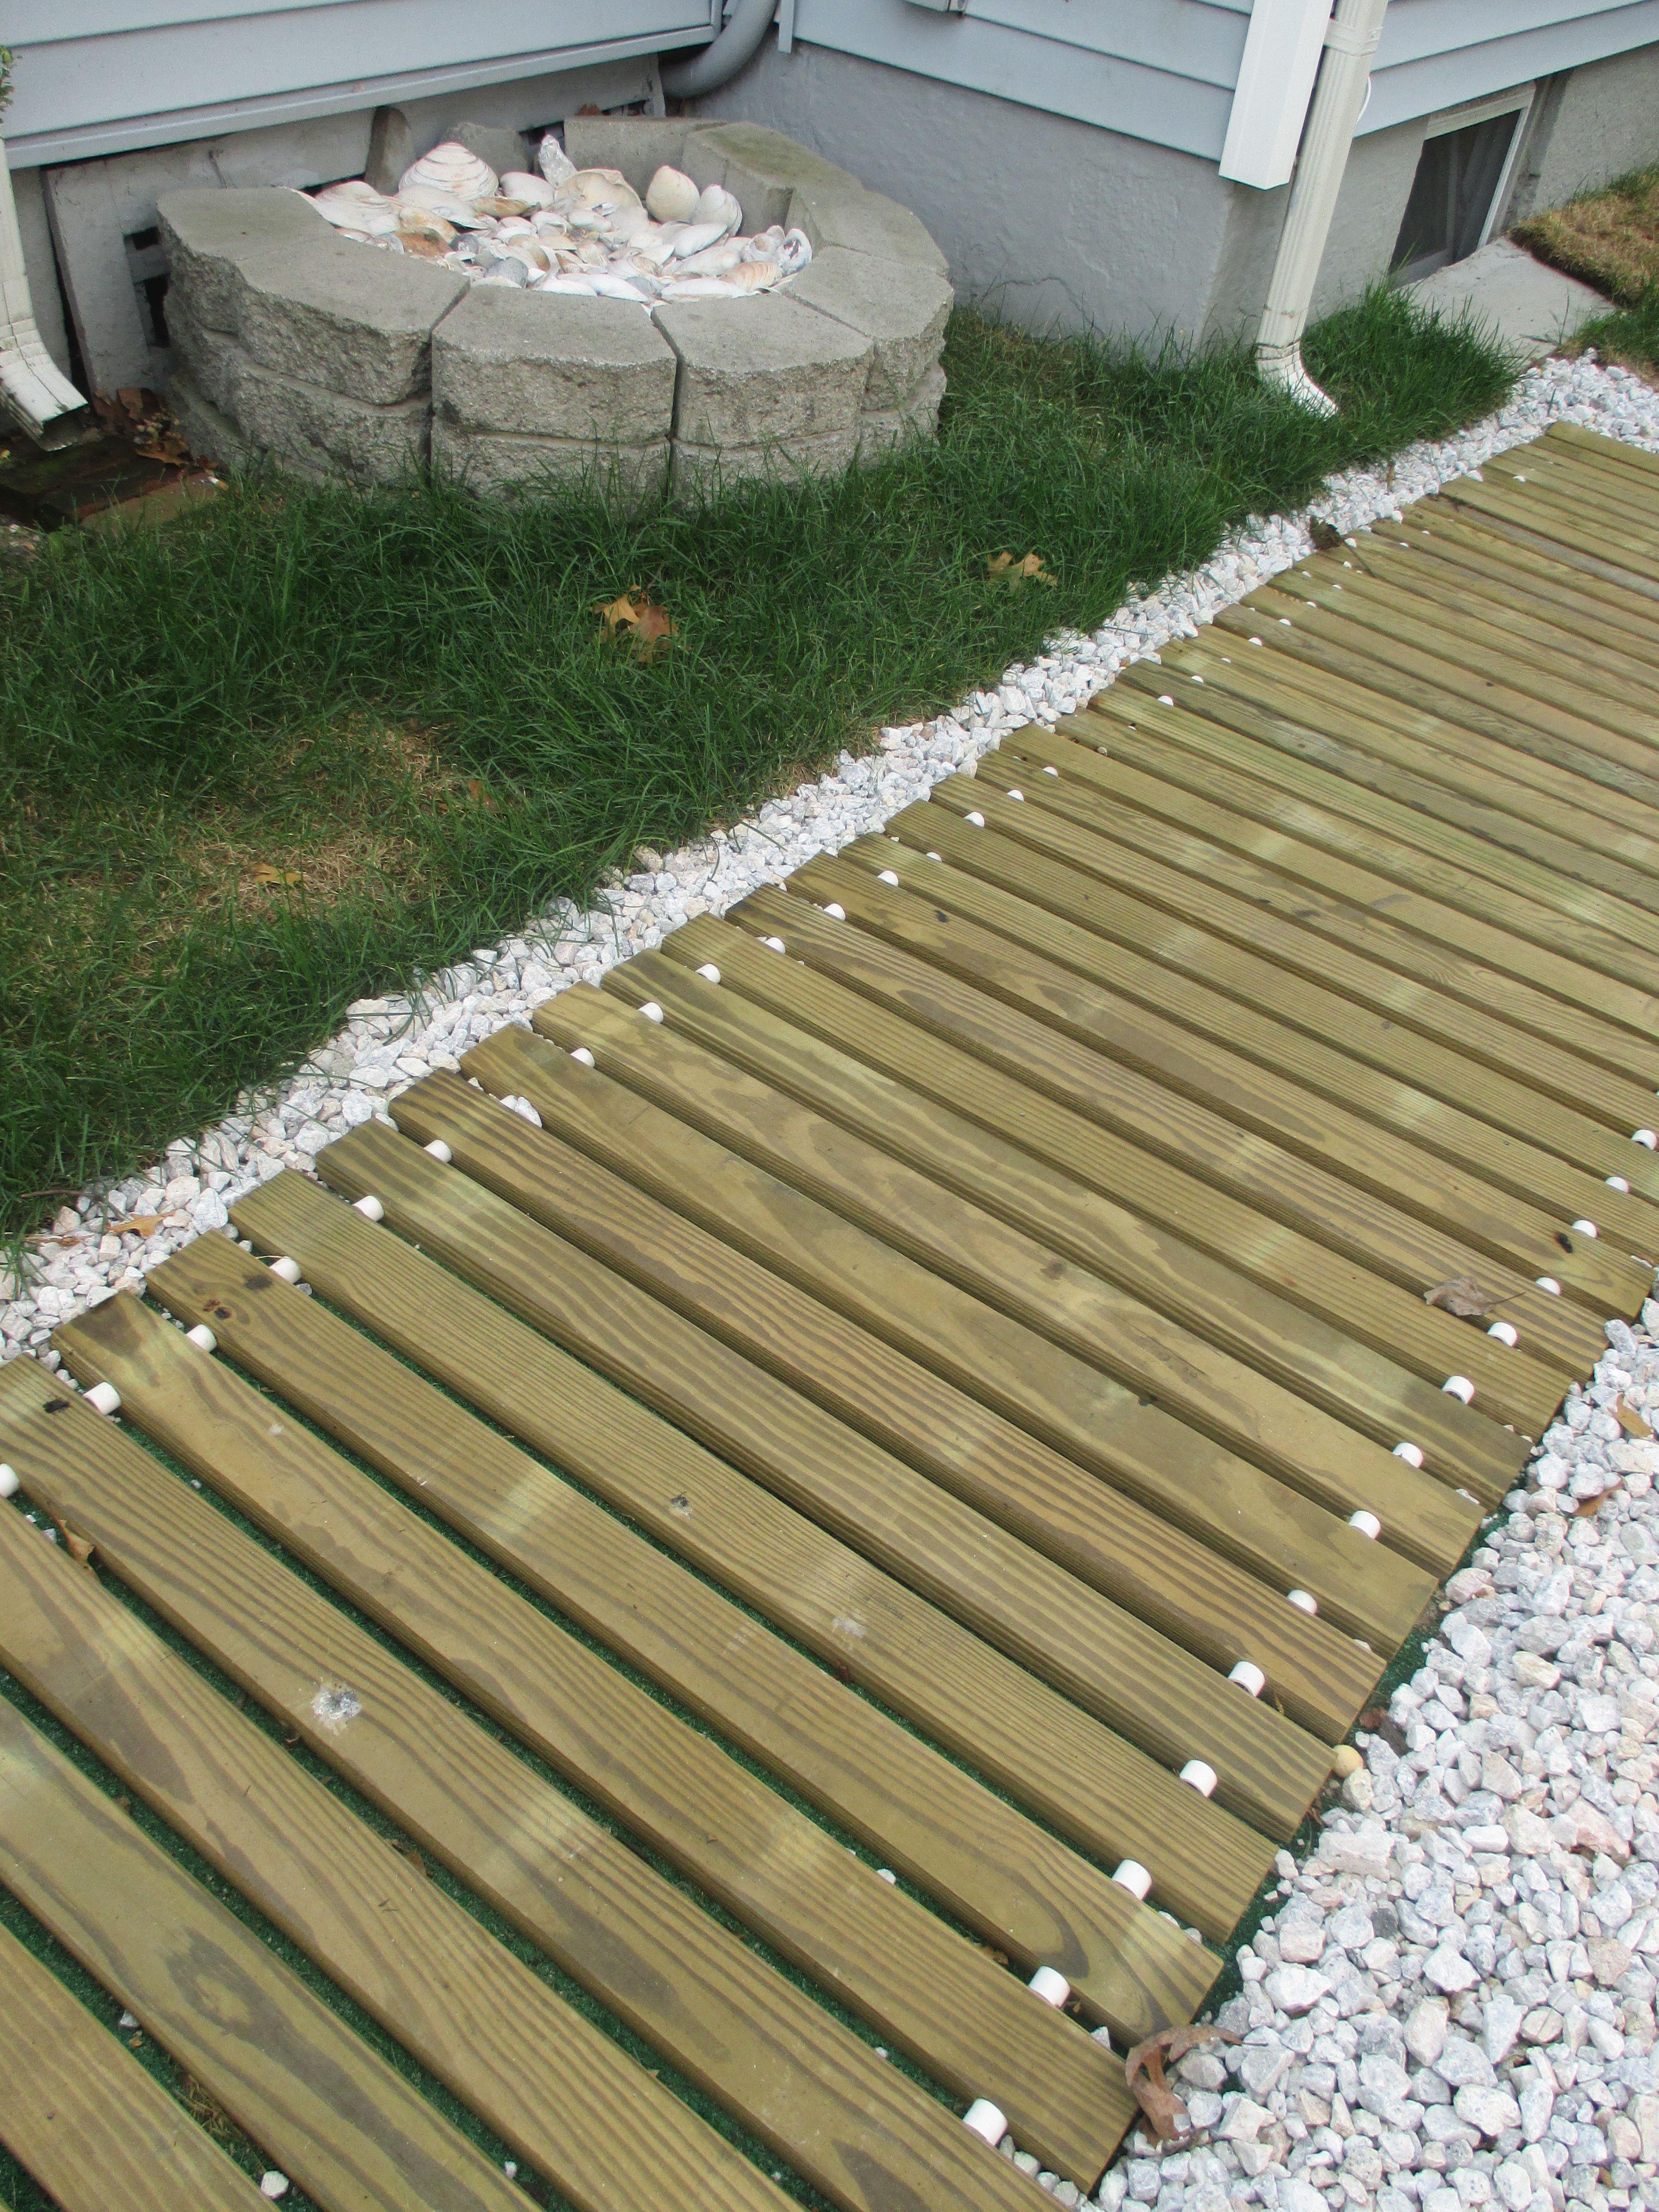 Ground Level Deck Decor